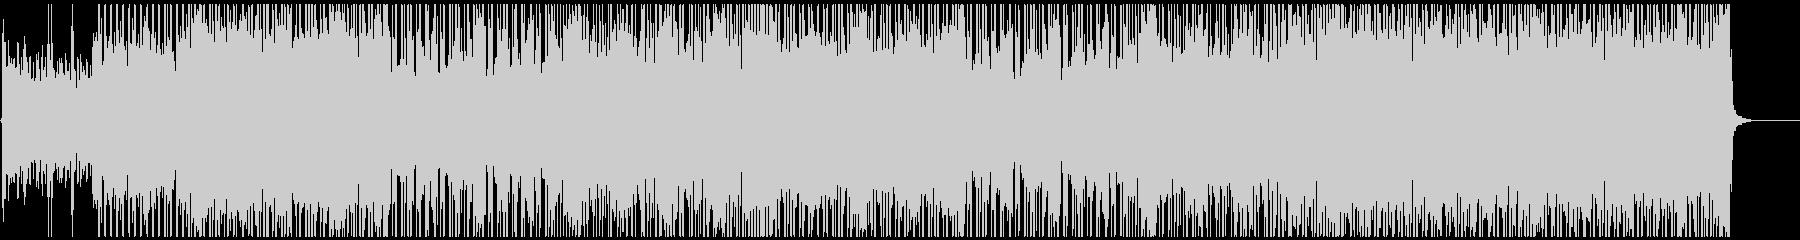 ノリノリ・キャッチーなポップロックの未再生の波形